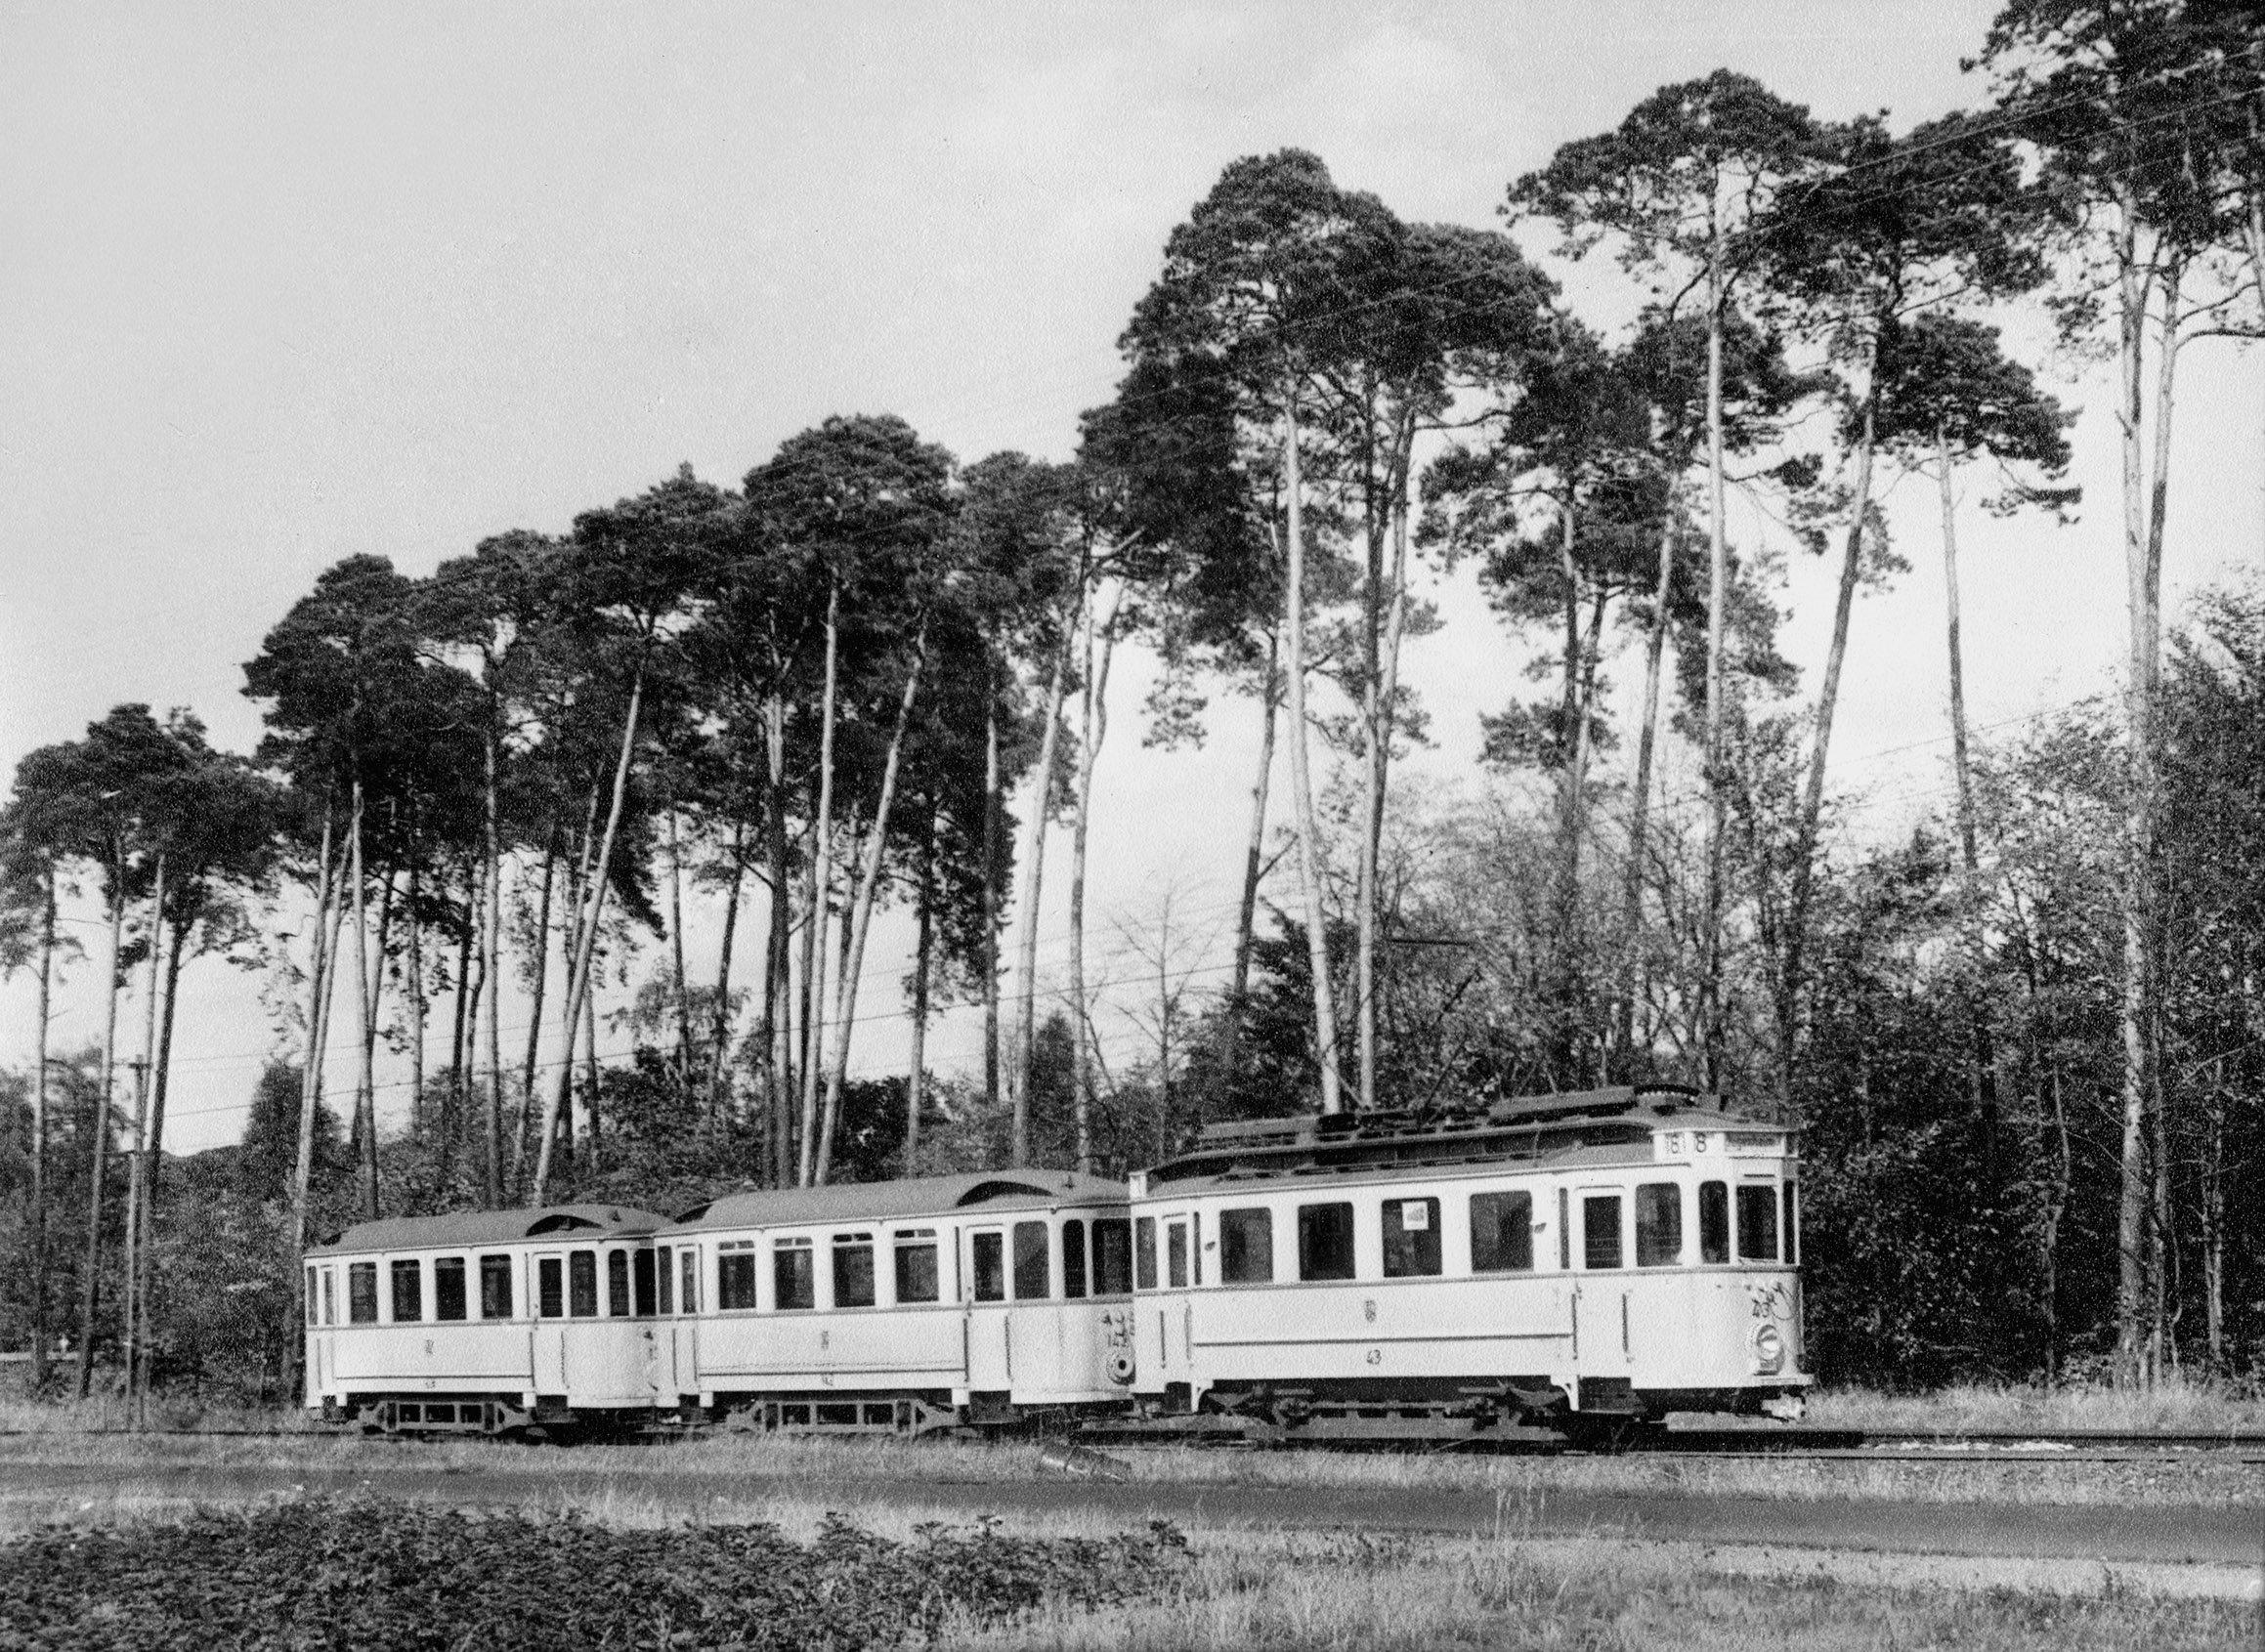 Rund 50 Jahre war der Drei-Wagen-Zug von 1914 im Einsatz. Hier zwischen Eberstadt und Malchen. © Sammlung Hartmut Massoth